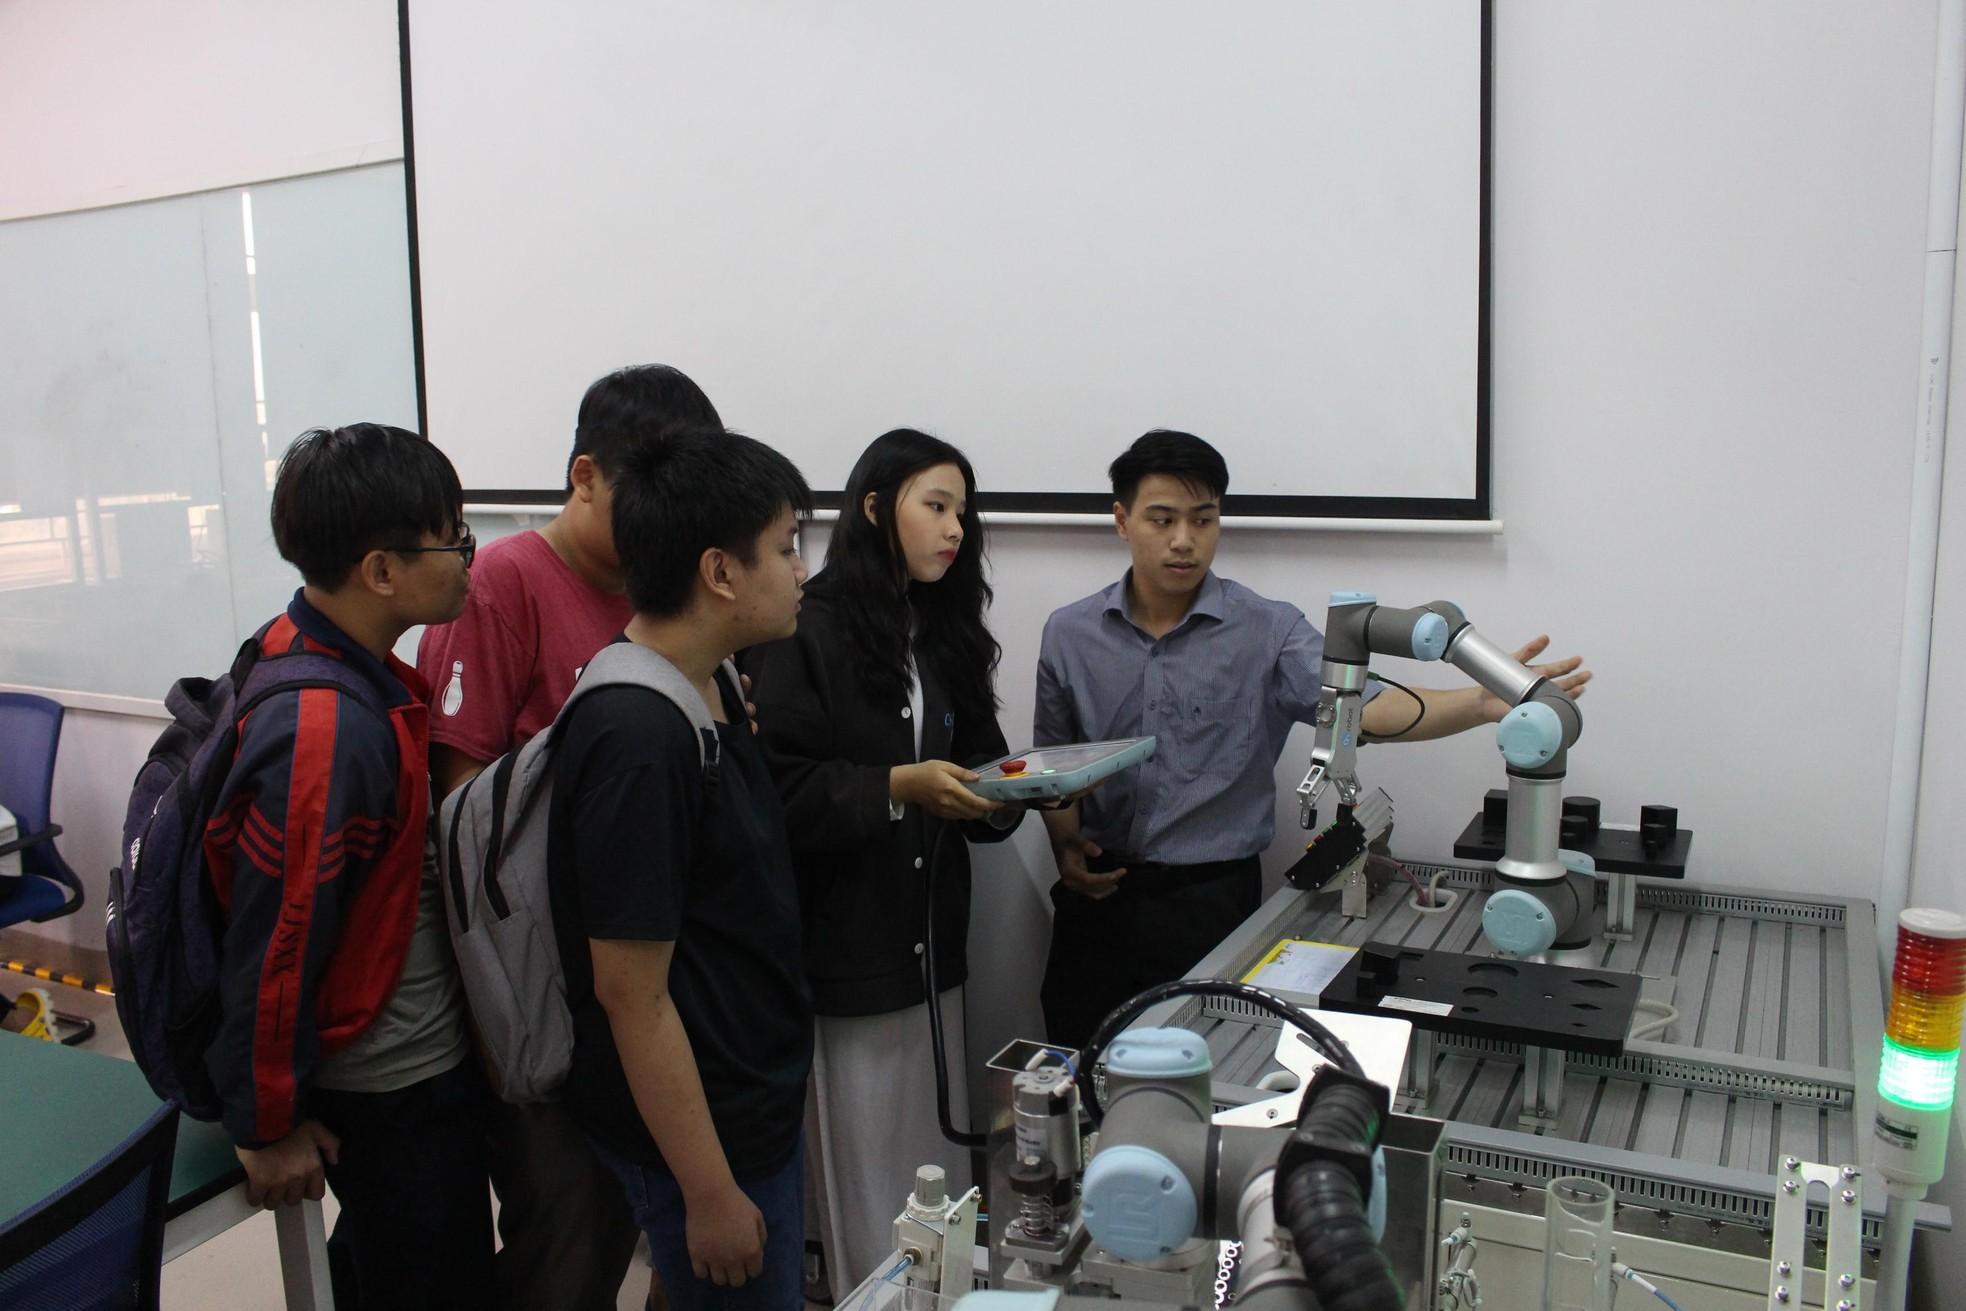 Khởi động hành trình chuyến xe khởi nghiệp ở Đà Nẵng ảnh 6